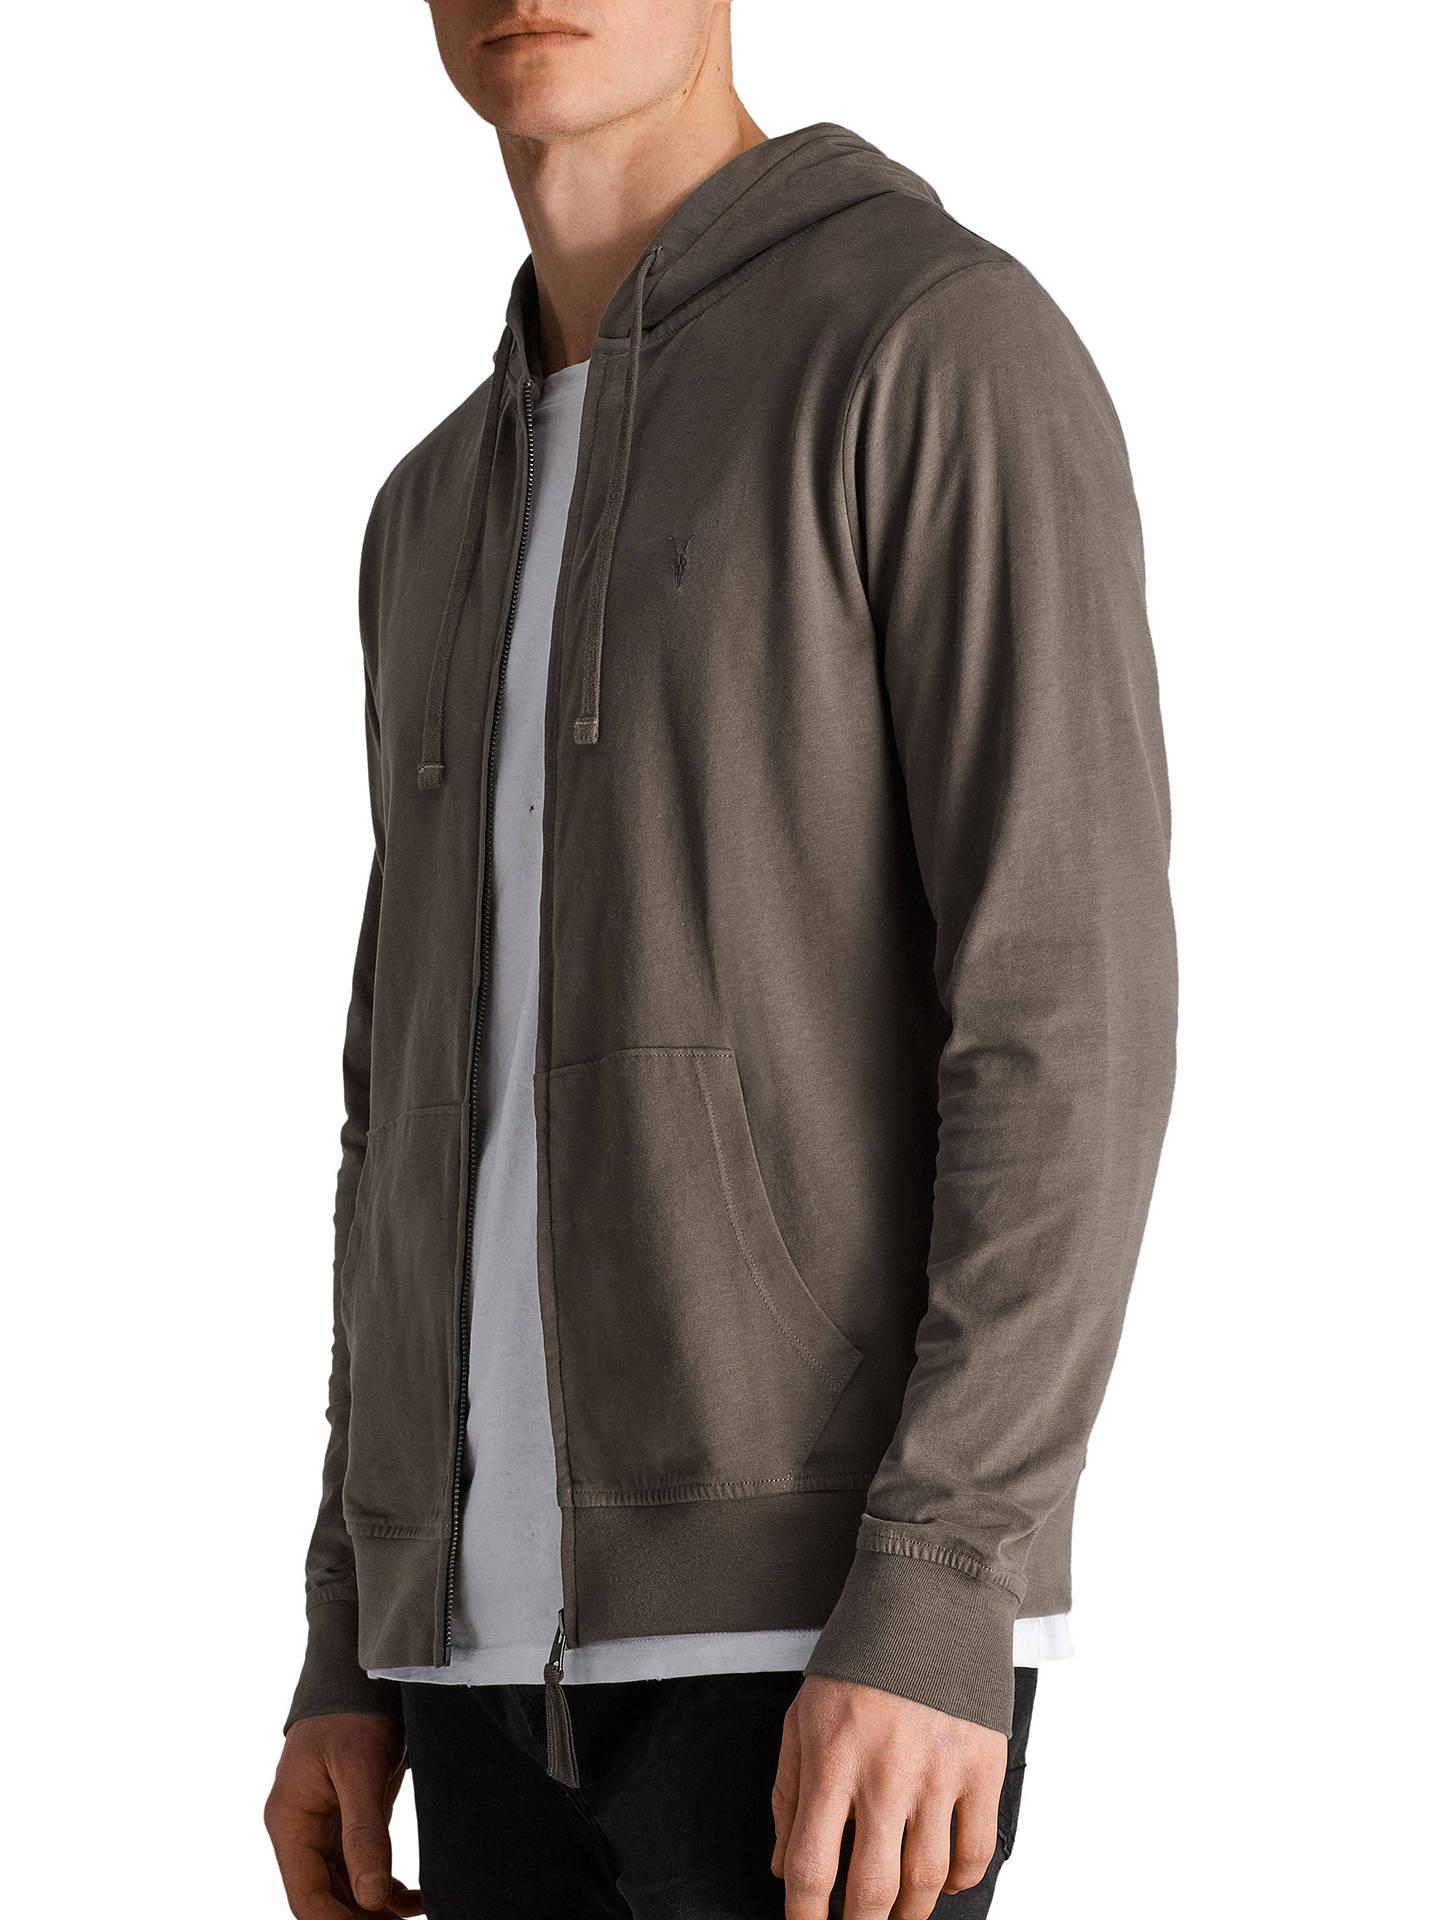 Allsaints Brace Full Zip Hoodie Olive Green At John Lewis Partners Tendencies Sweater Hoody Zipper S Buyallsaints Xs Online